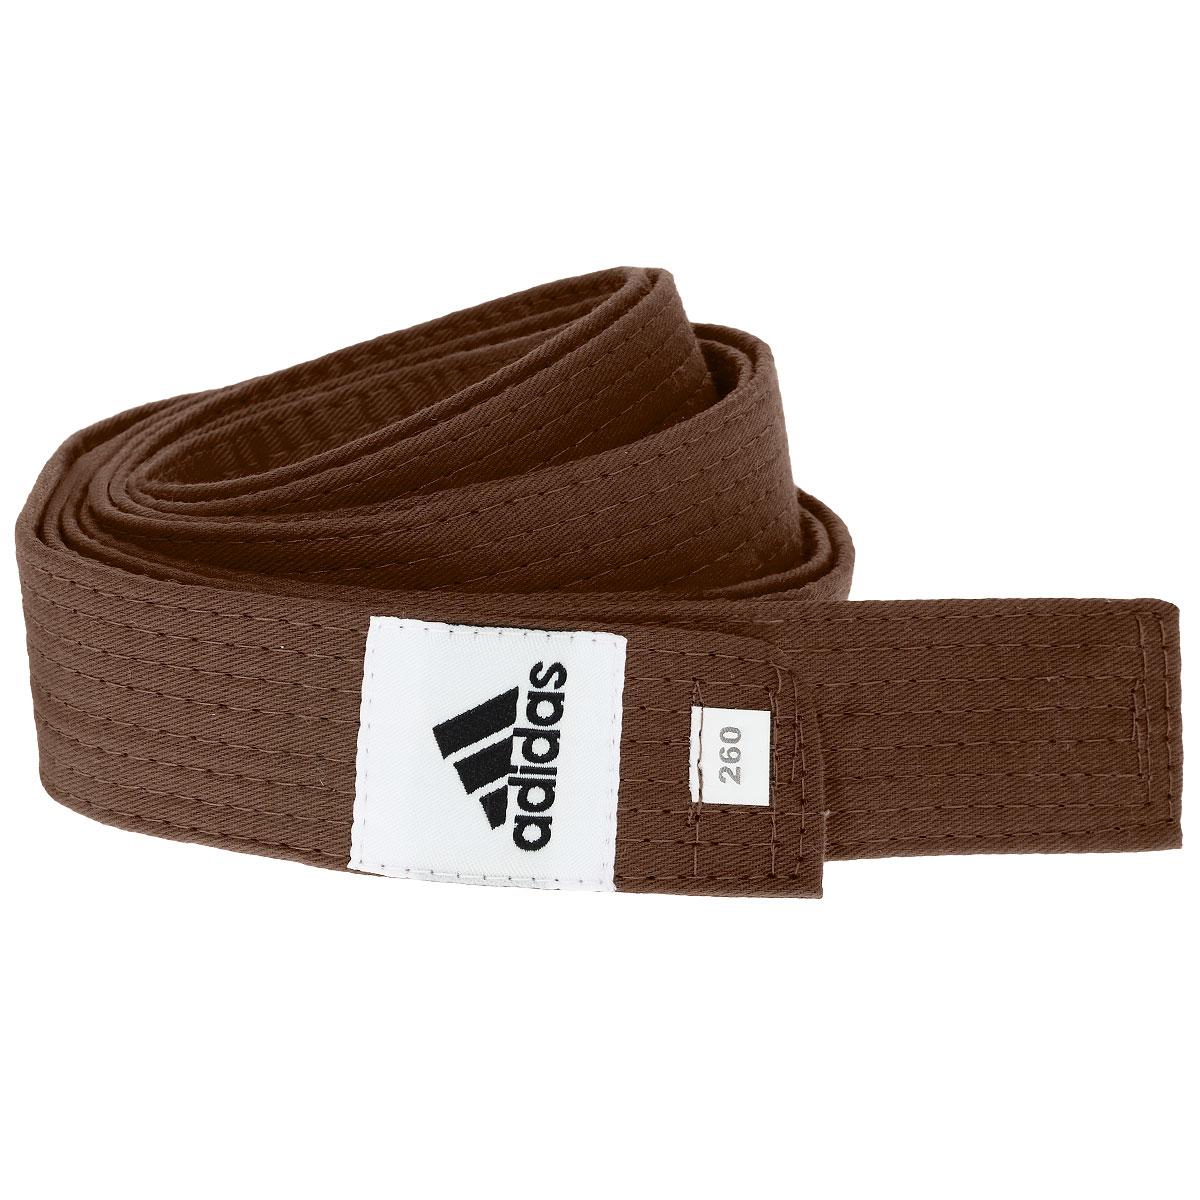 Пояс для единоборств adidas Club, цвет: коричневый. adiB220. Длина 260 смadiB220Пояс для единоборств adidas Club - универсальный пояс для кимоно. Пояс выполнен из плотного хлопкового материала с прострочкой.Такой пояс - необходимый аксессуар для тех, кто занимается боевыми искусствами.